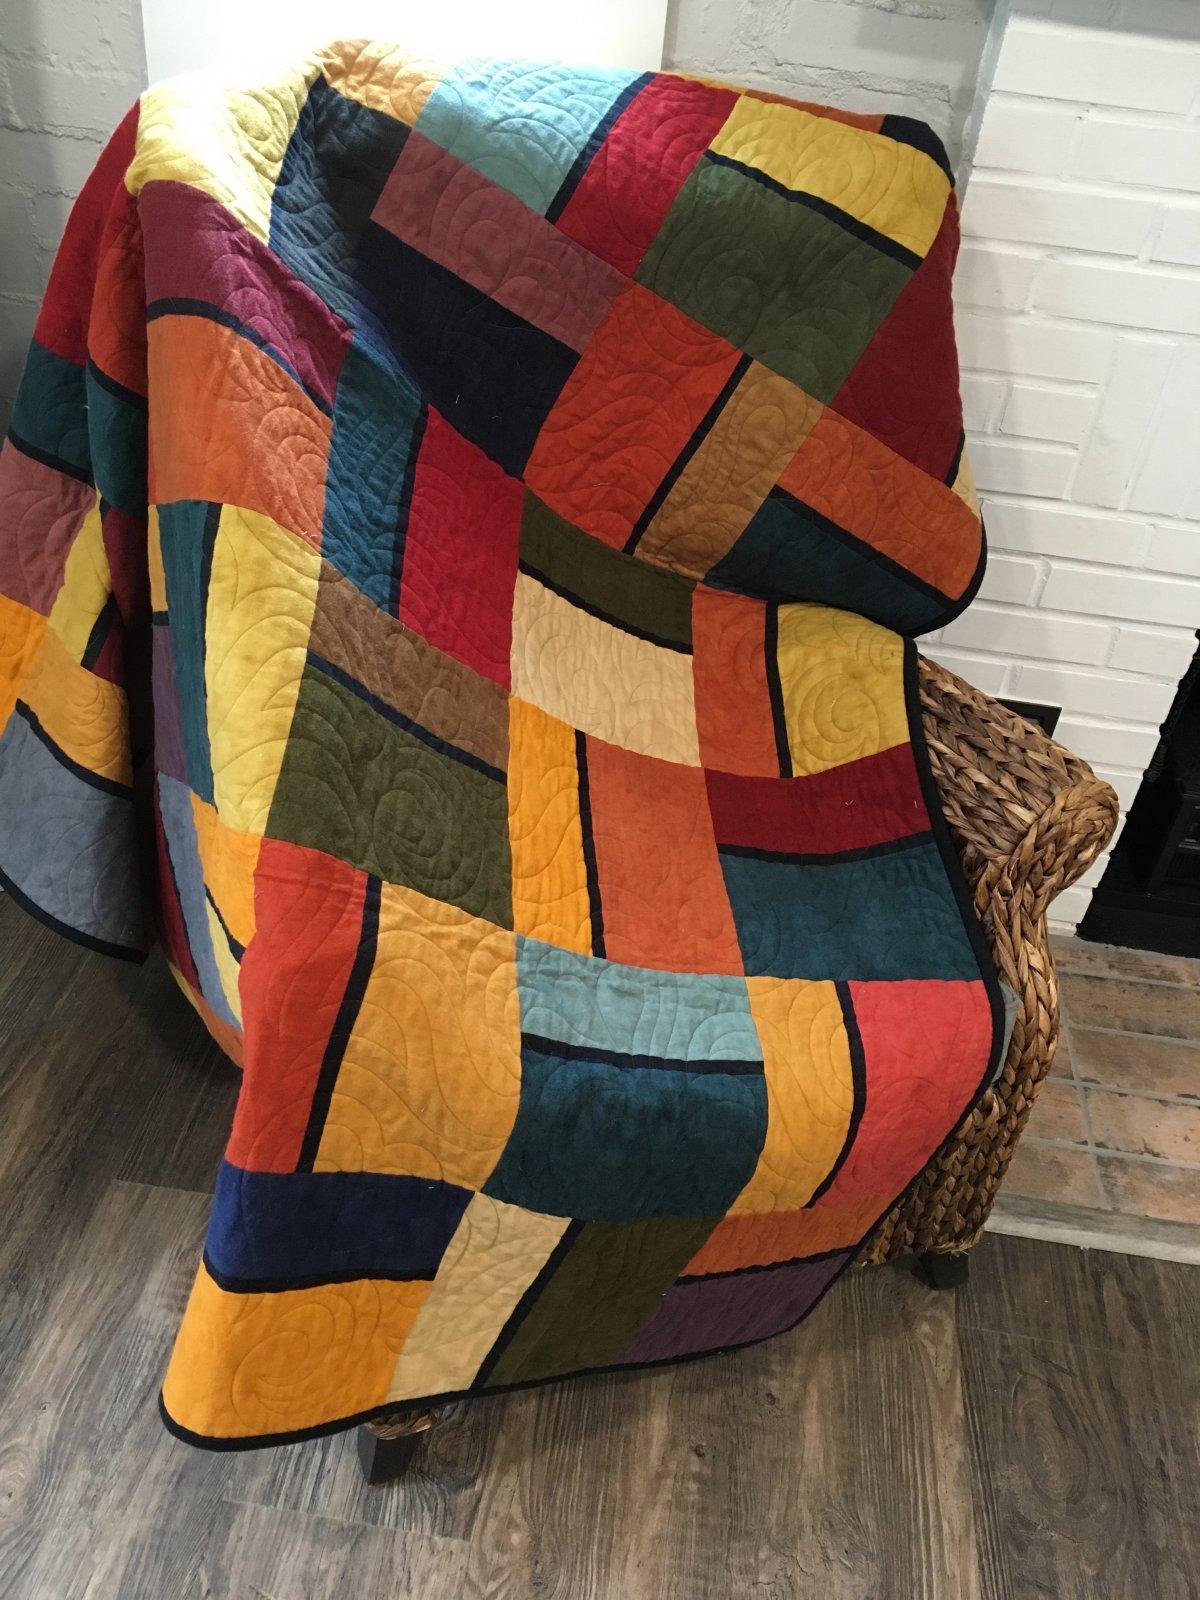 Kit - Color Block - Precut- Flannel - Multi